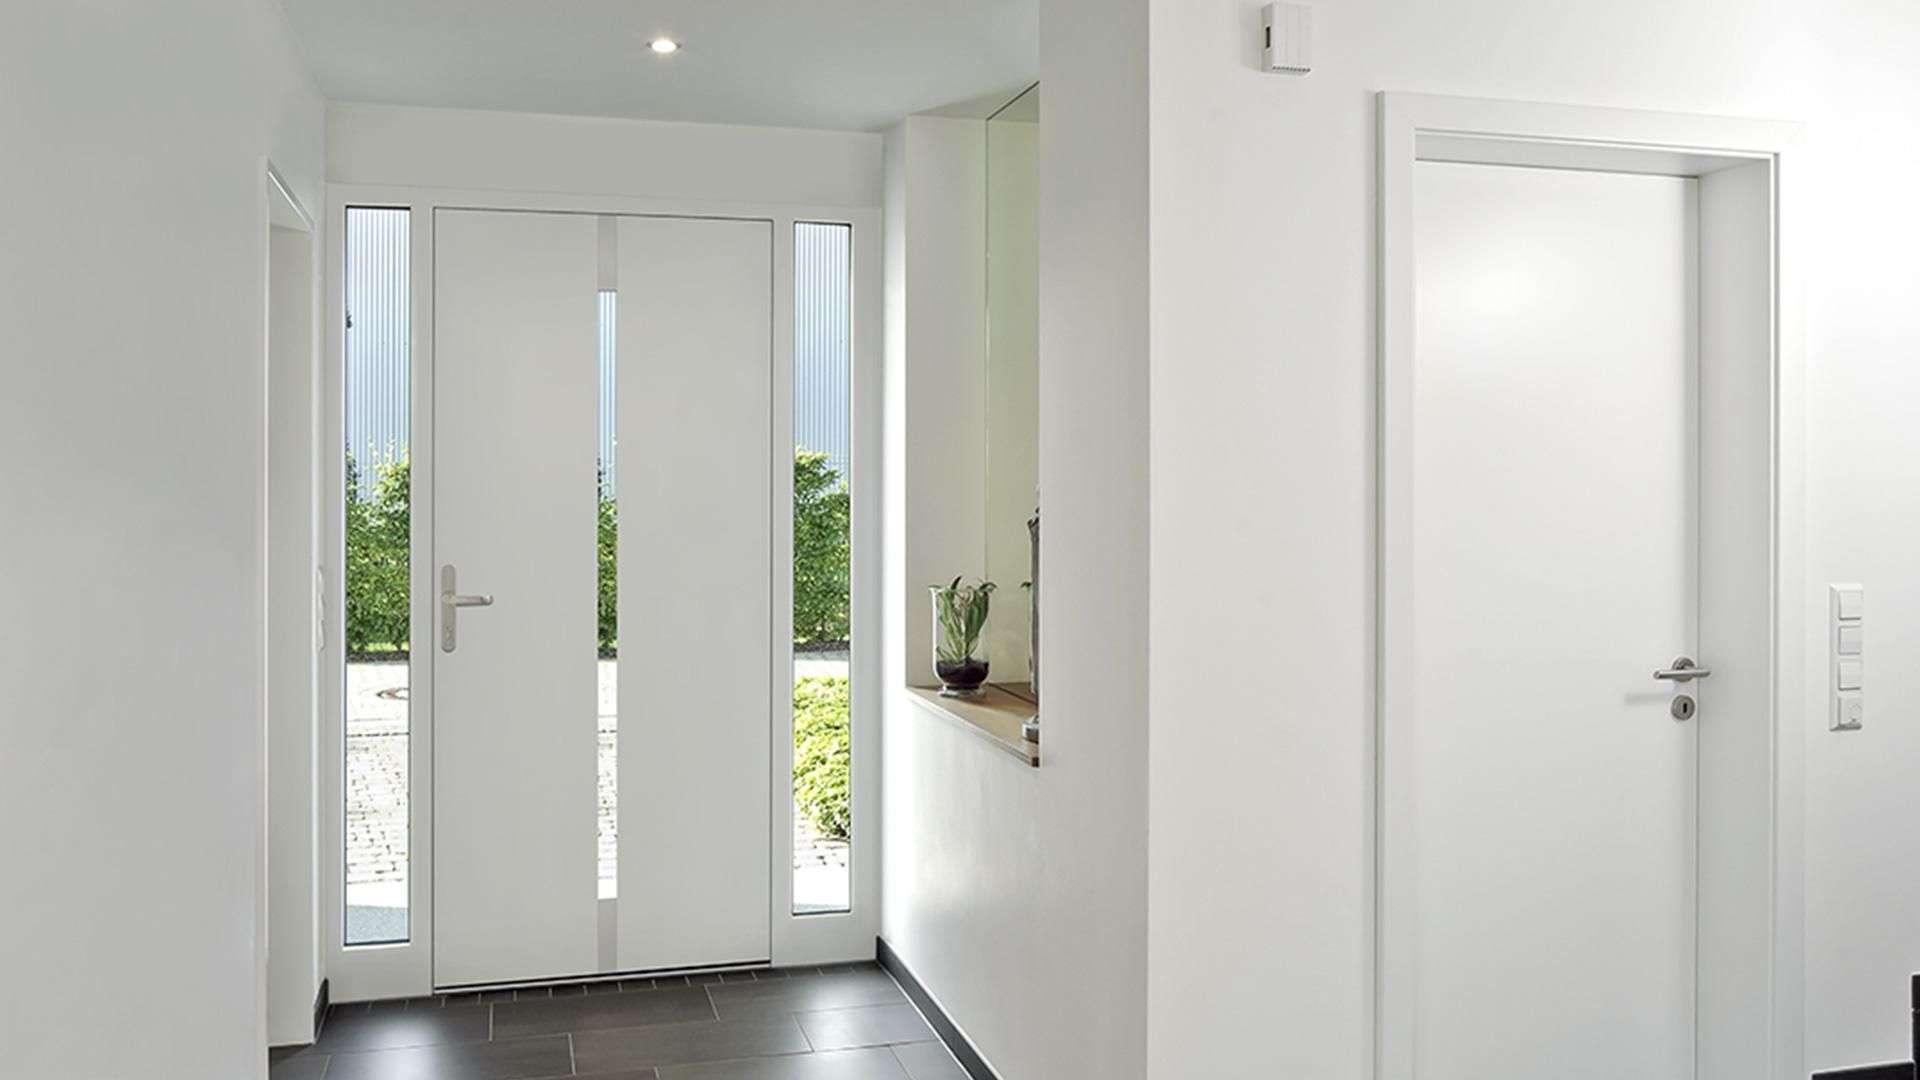 Innenansicht einer weißen Haustür mit Glaselementen